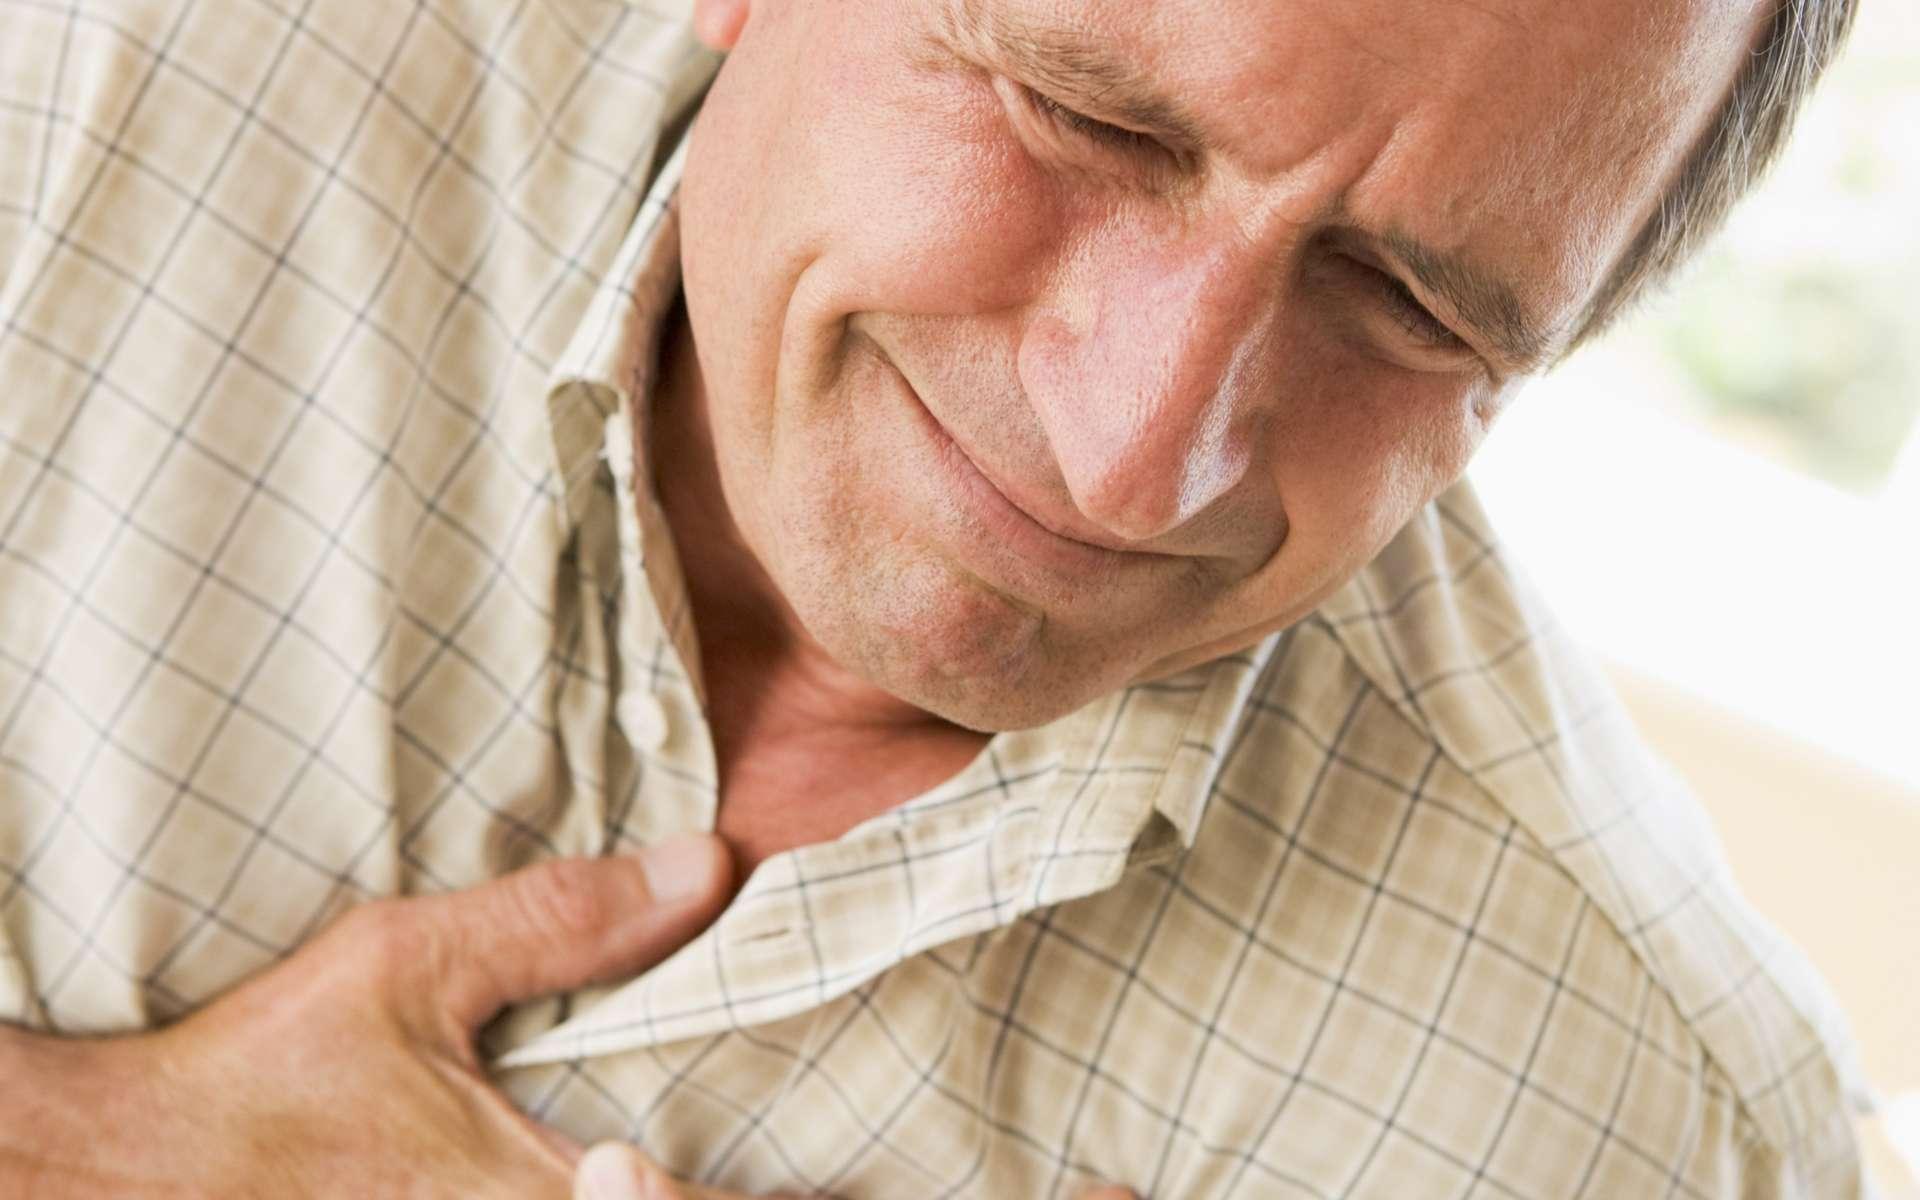 Les antiarythmiques de classe III ralentissent la fréquence cardiaque. © Phovoir